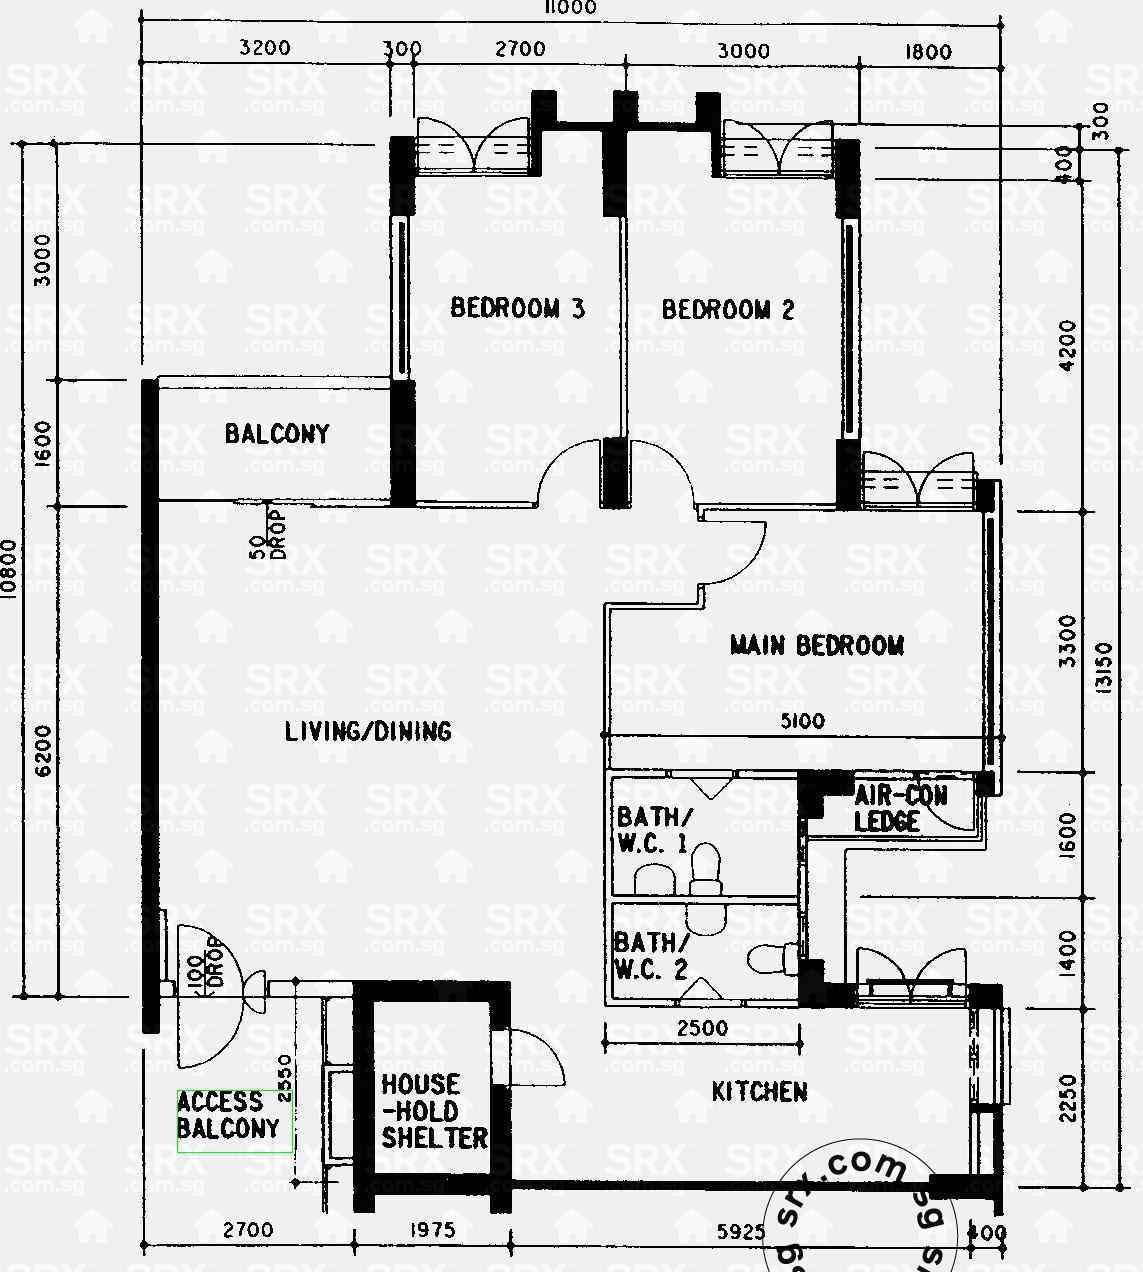 5 room executive hdb flat floor plan thefloors co for 5 room floor plan